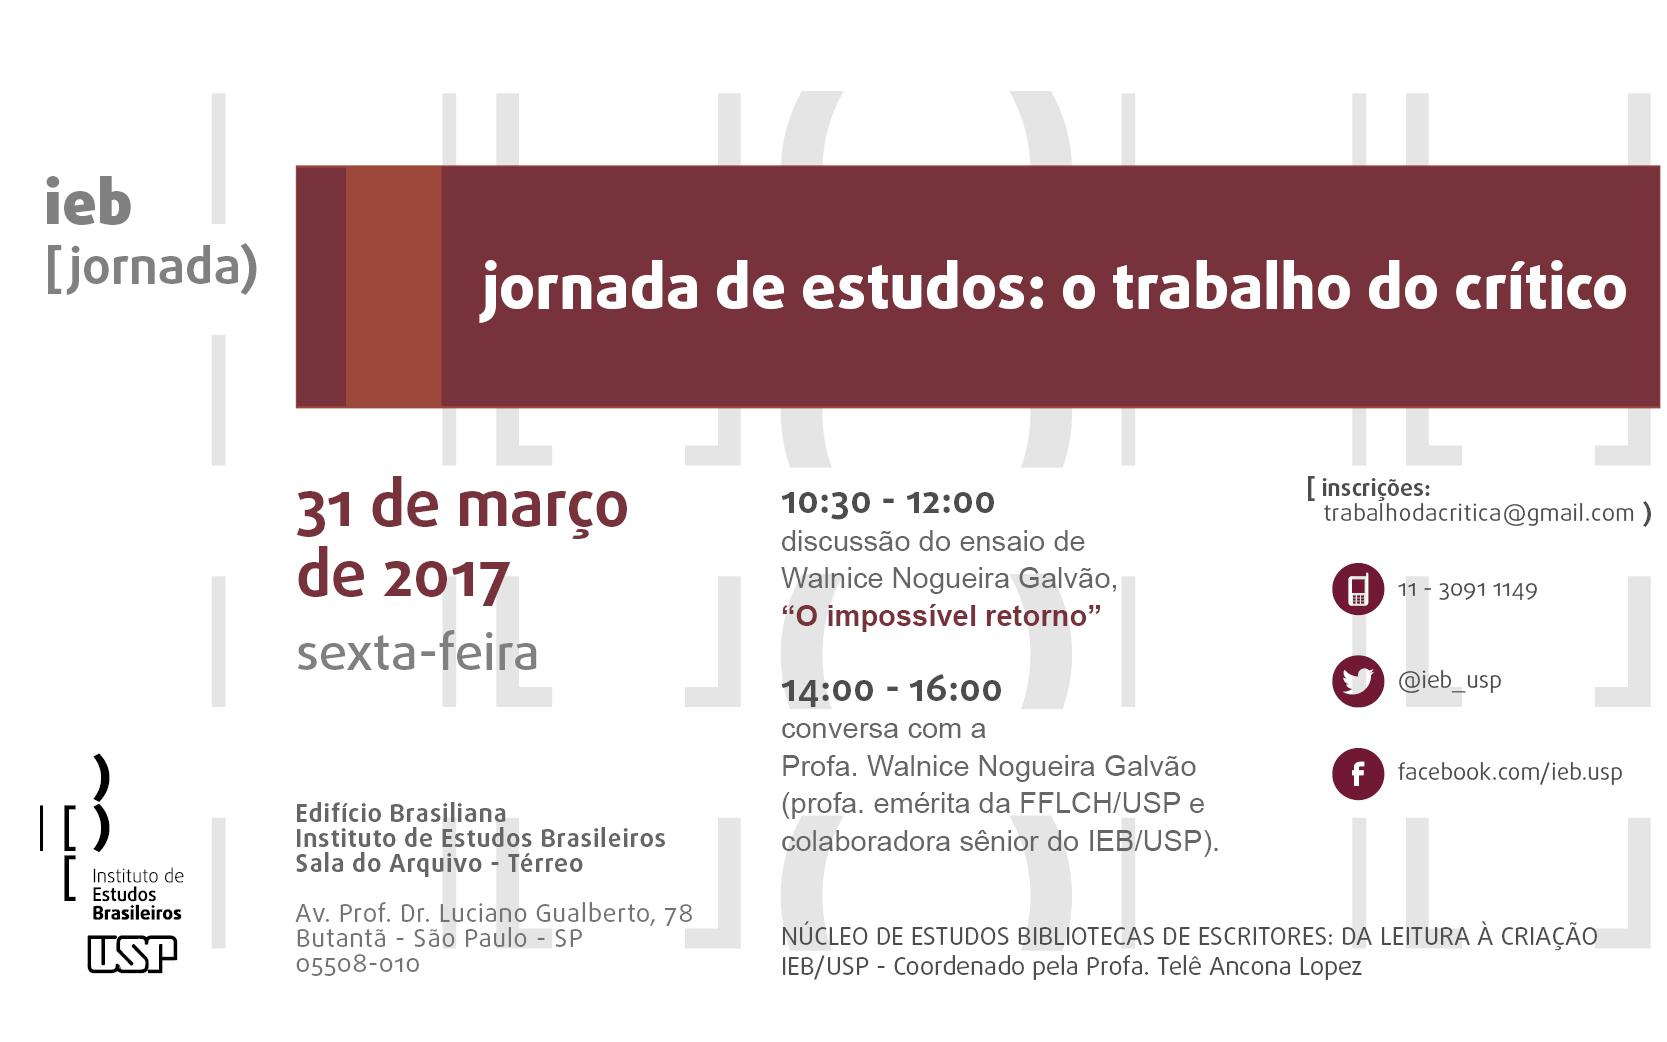 Jornada de estudos - o trabalho do critico - 31-03-2017